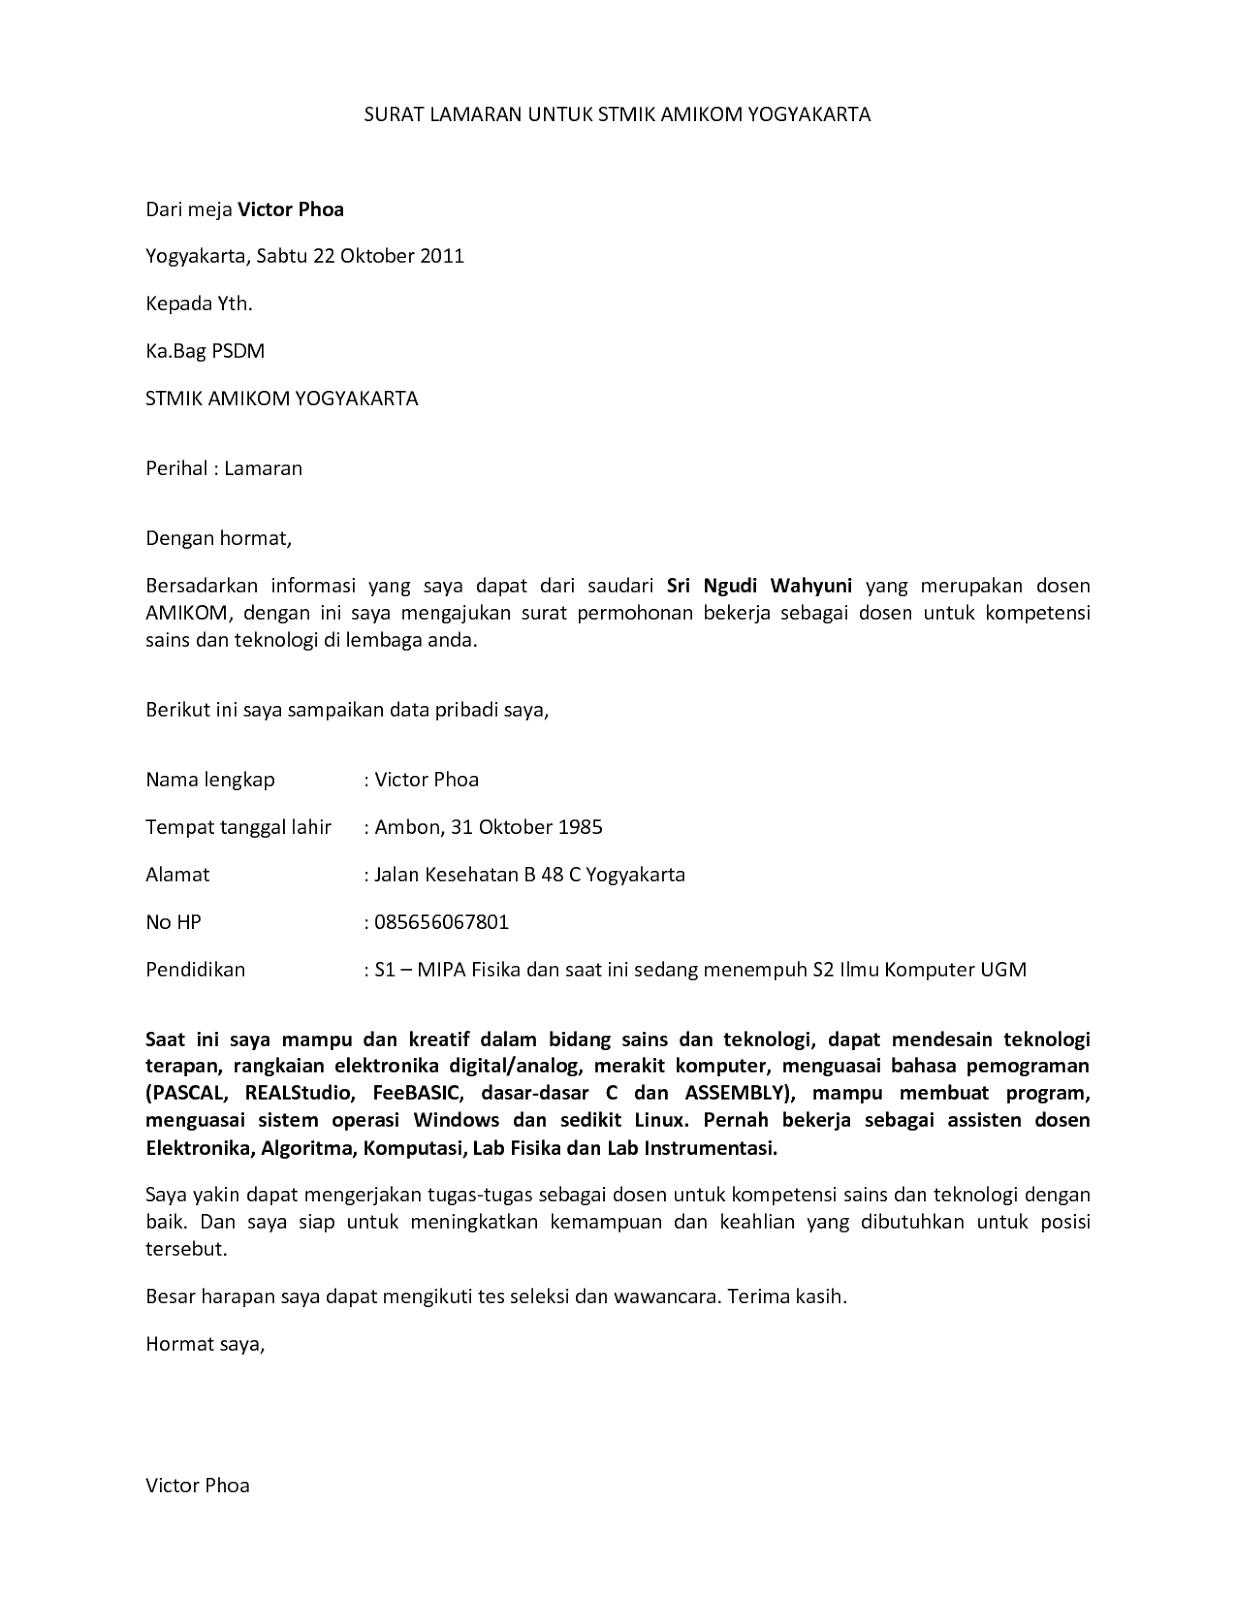 Contoh Surat Lamaran Kerja Dosen Surat Lamaran Kerja